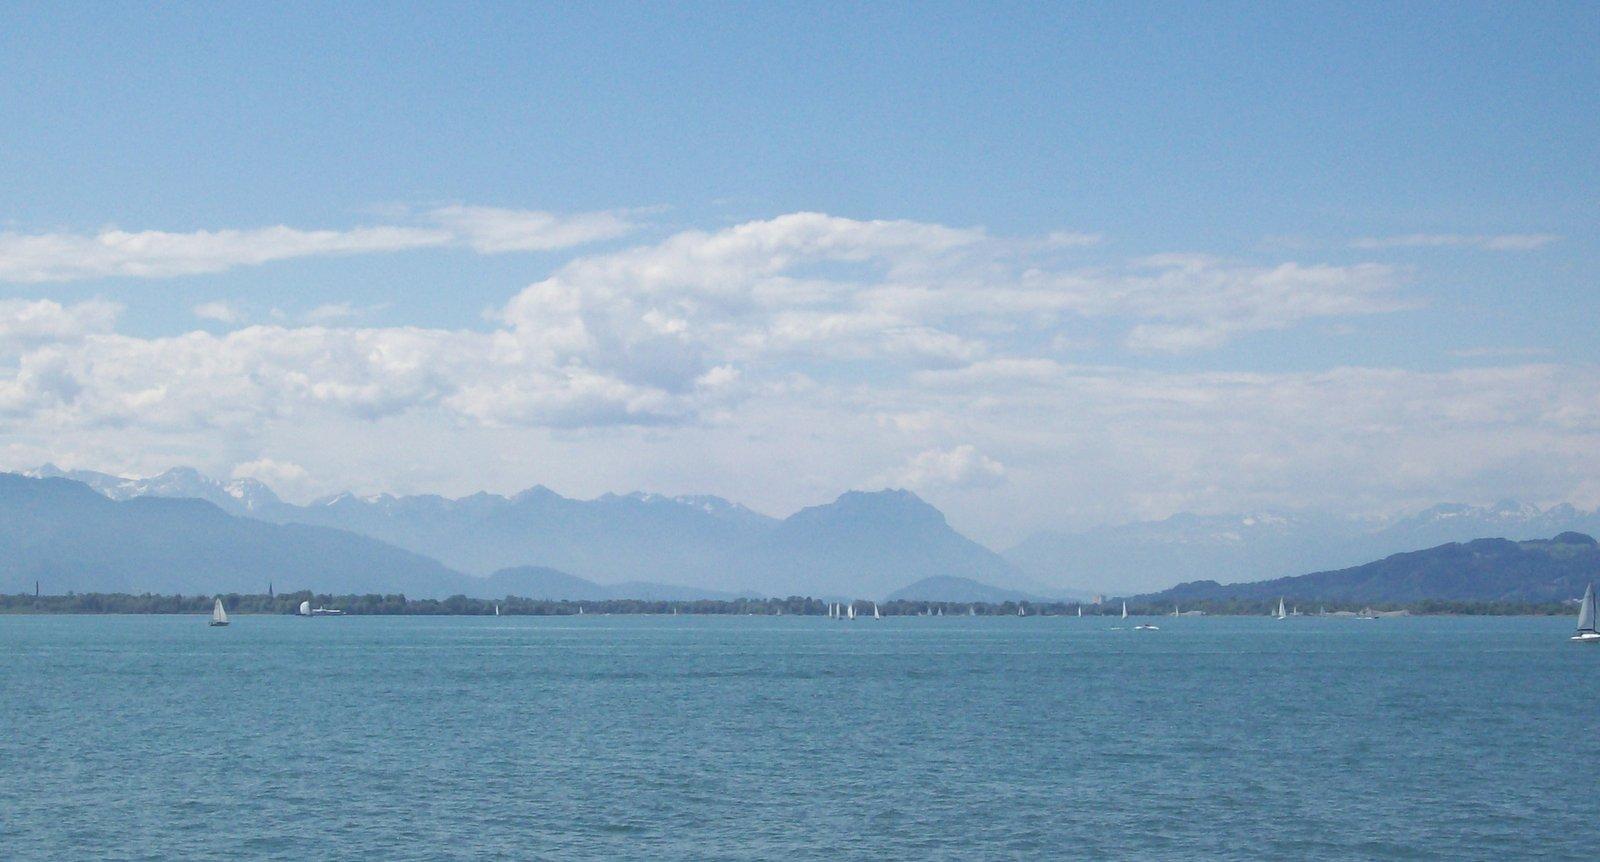 Bodensee an der Mündung des Alpenrheins